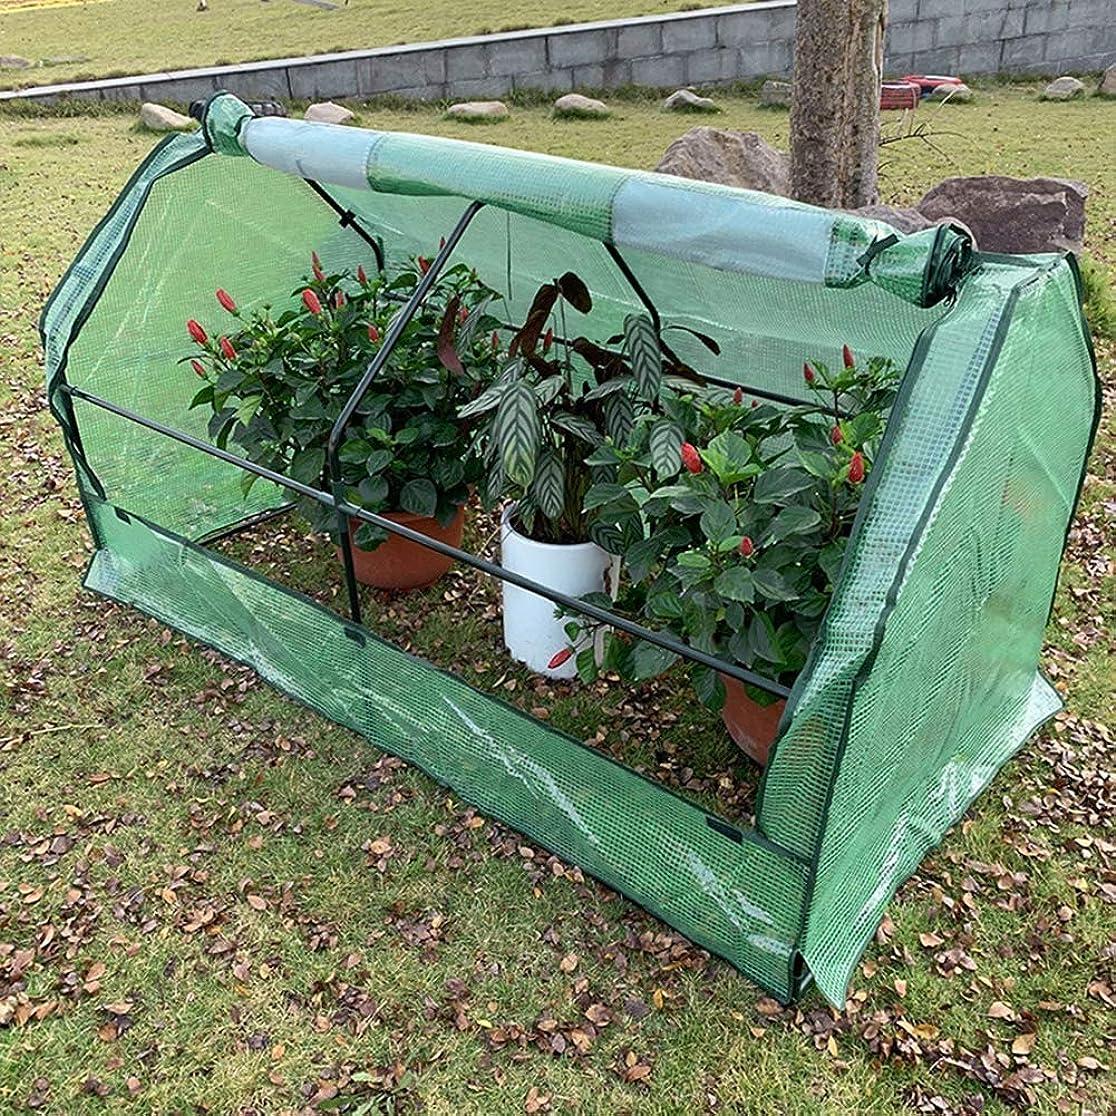 基本的なホバー取るに足らないガーデン温室冬バルコニーフラワーシェッドプロテクション植物の貯蔵大容量の小さな暖かい部屋PE防雨防雪 、2色、2サイズ Baiying (Color : Green, Size : 180X91X95CM)